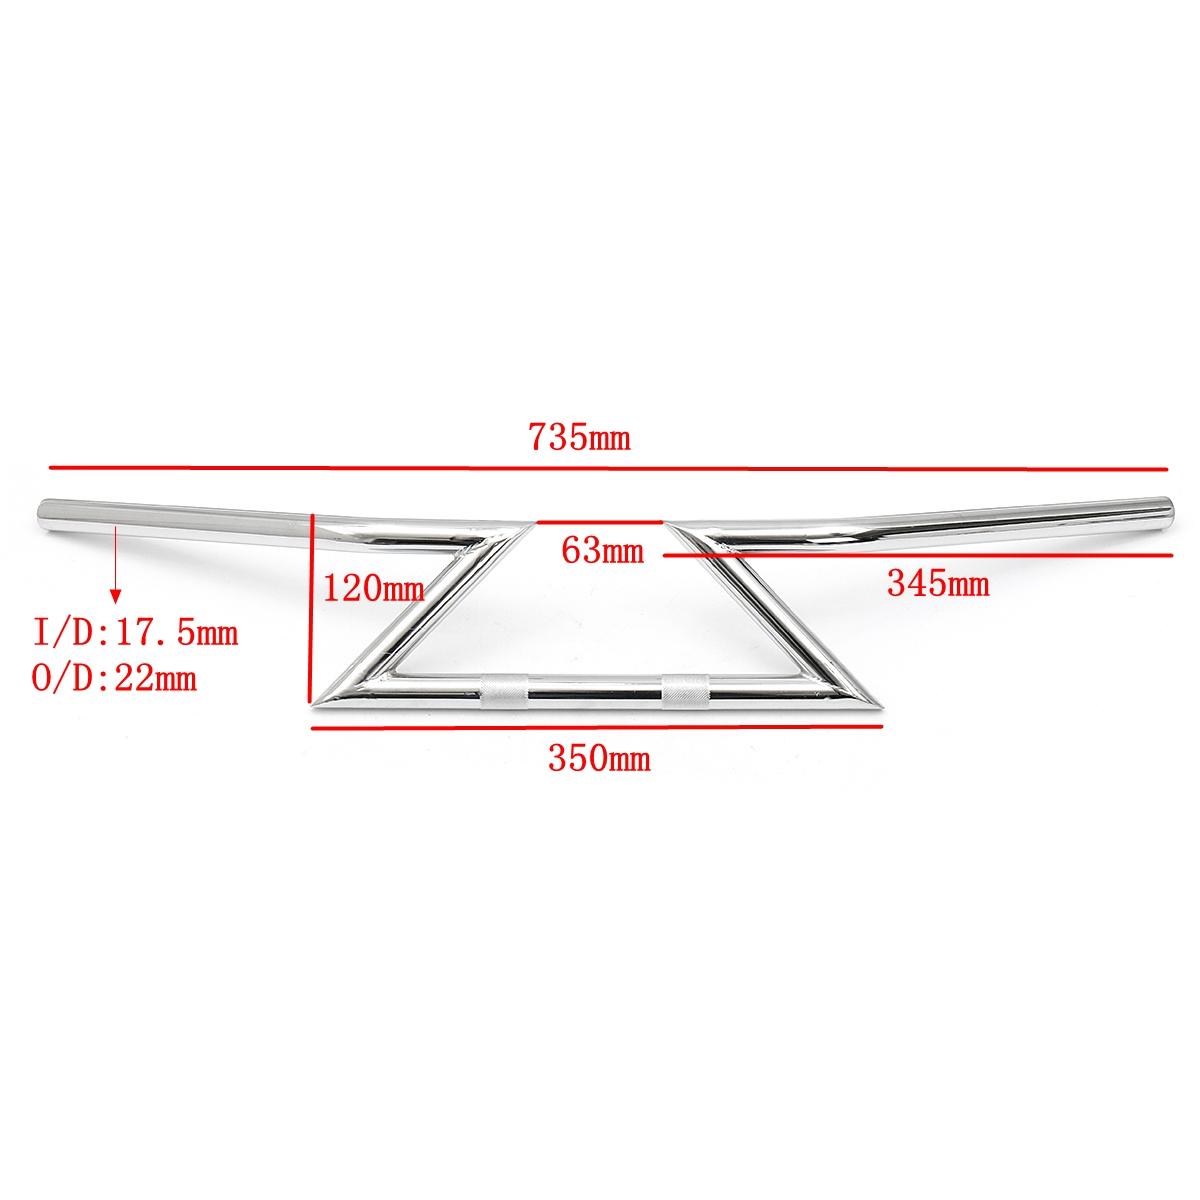 22mm 7/8inch Drag Handlebar Z-Bar For Honda/Yamaha/Suzuki